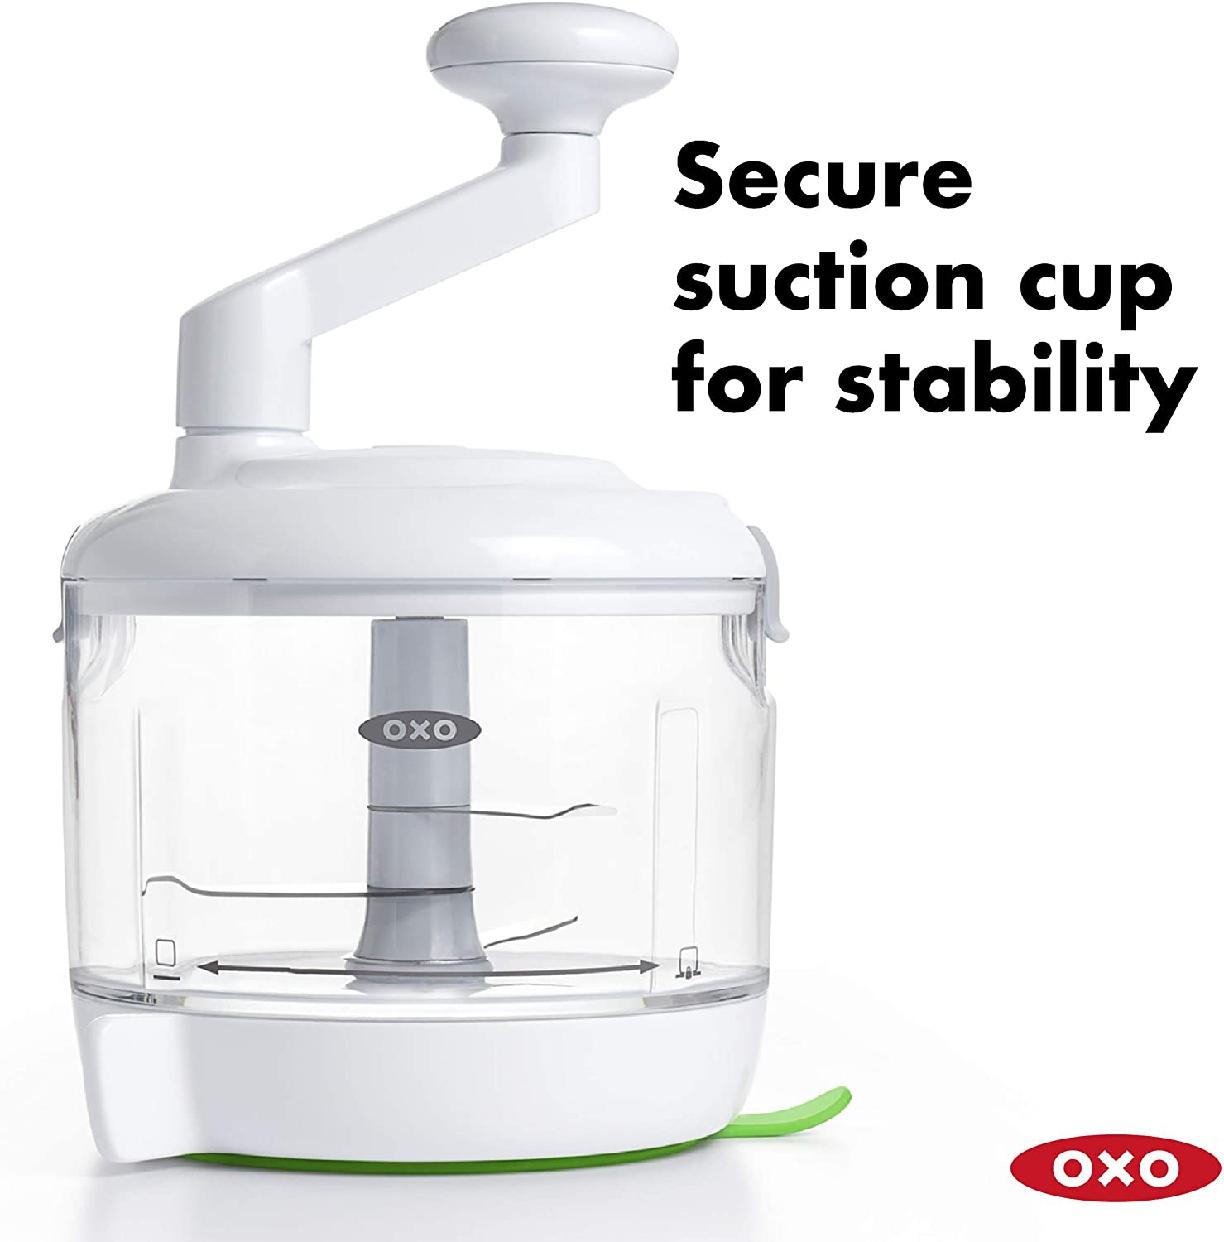 OXO(オクソー)ハンドル式フードチョッパー 11238000の商品画像5